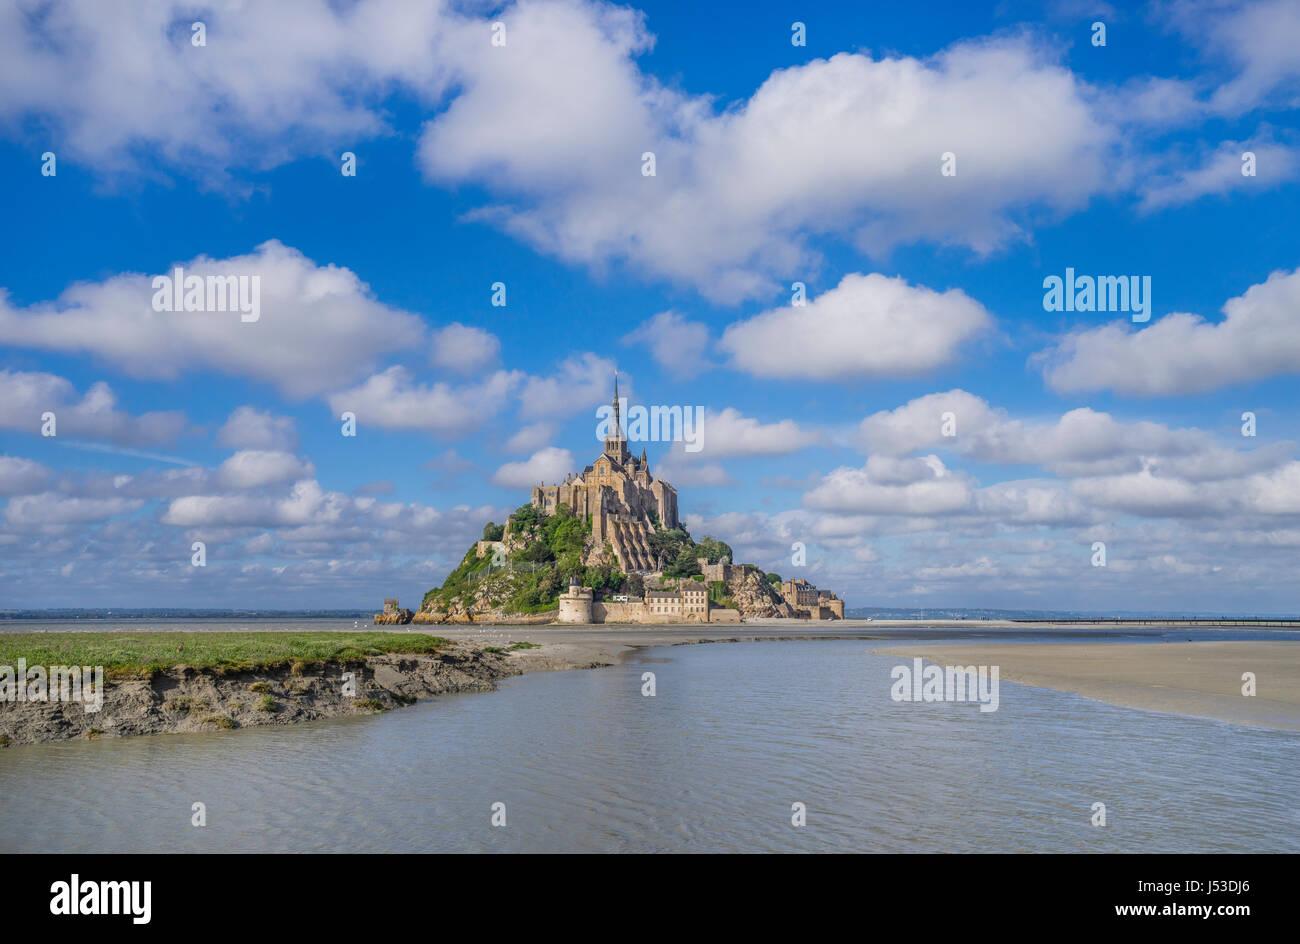 France, Normandie, vue du Mont Saint-Michel dans l'estuaire de la rivière Couesnon Banque D'Images